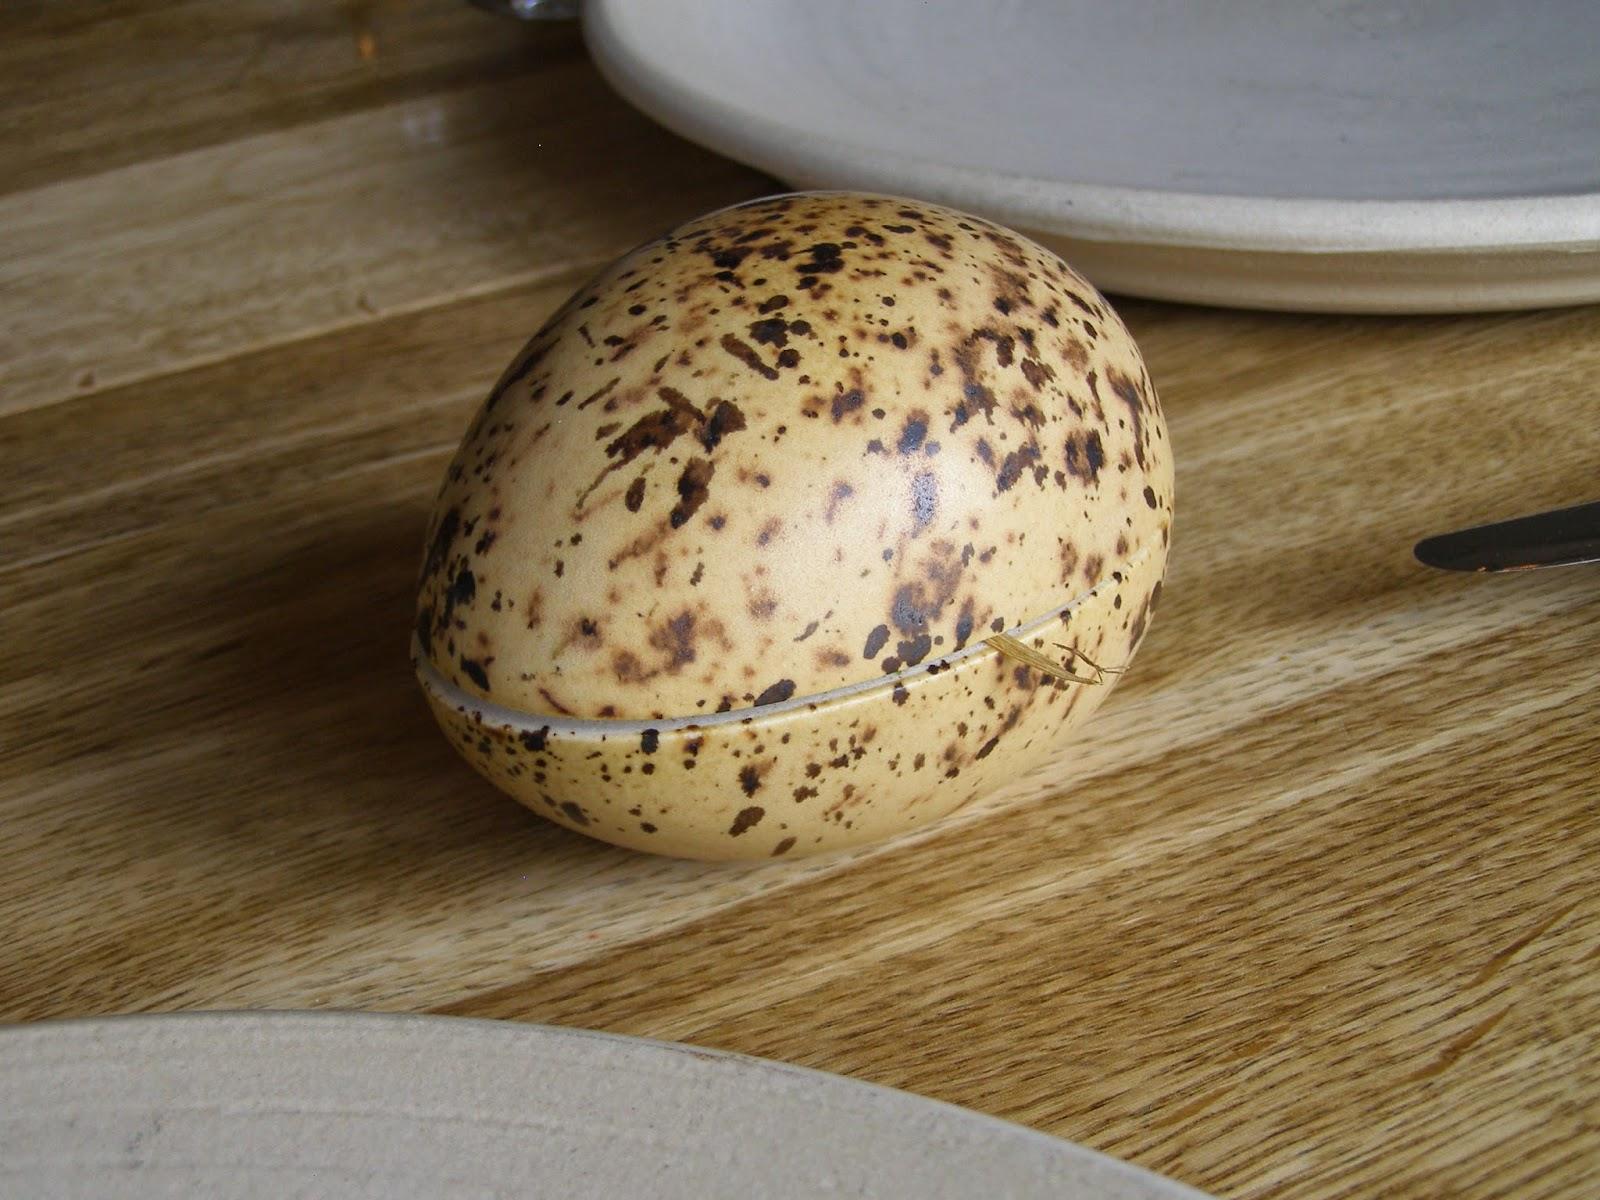 Smocked quail eggs